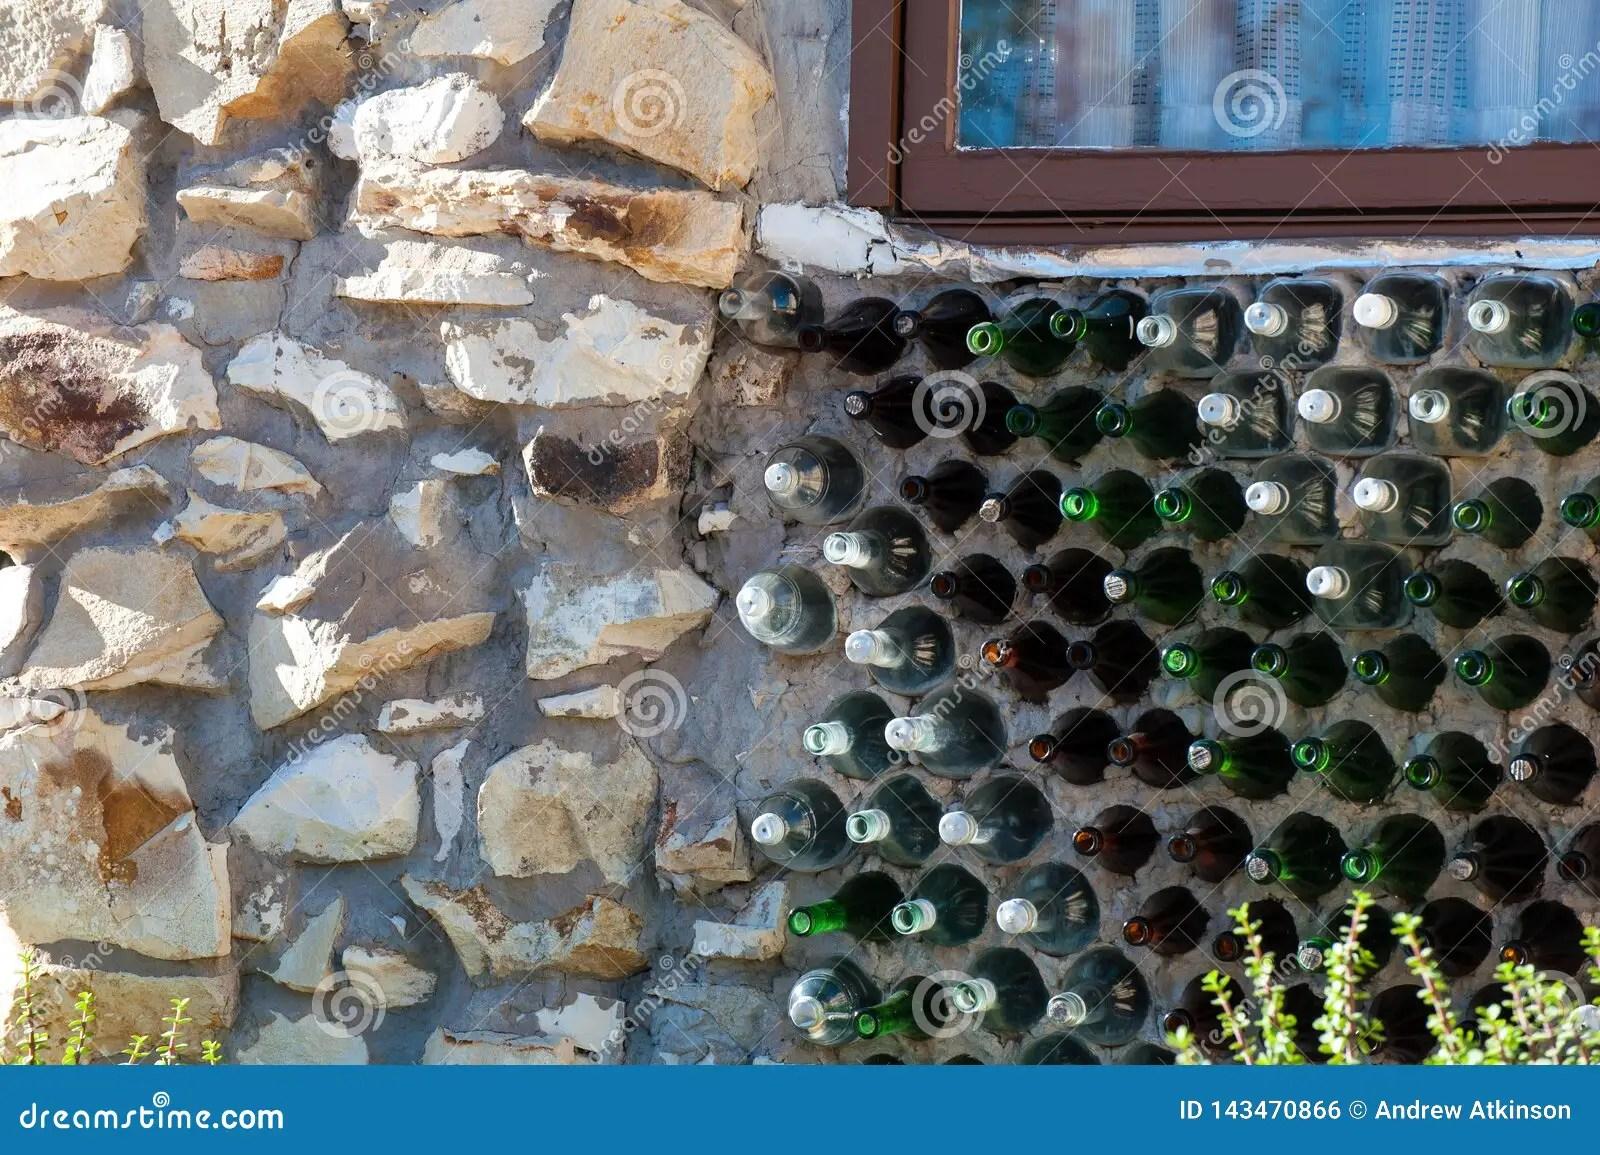 https fr dreamstime com mur fait bouteilles en verre vertes brunes partie d maison faite foudre ridge australia image143470866